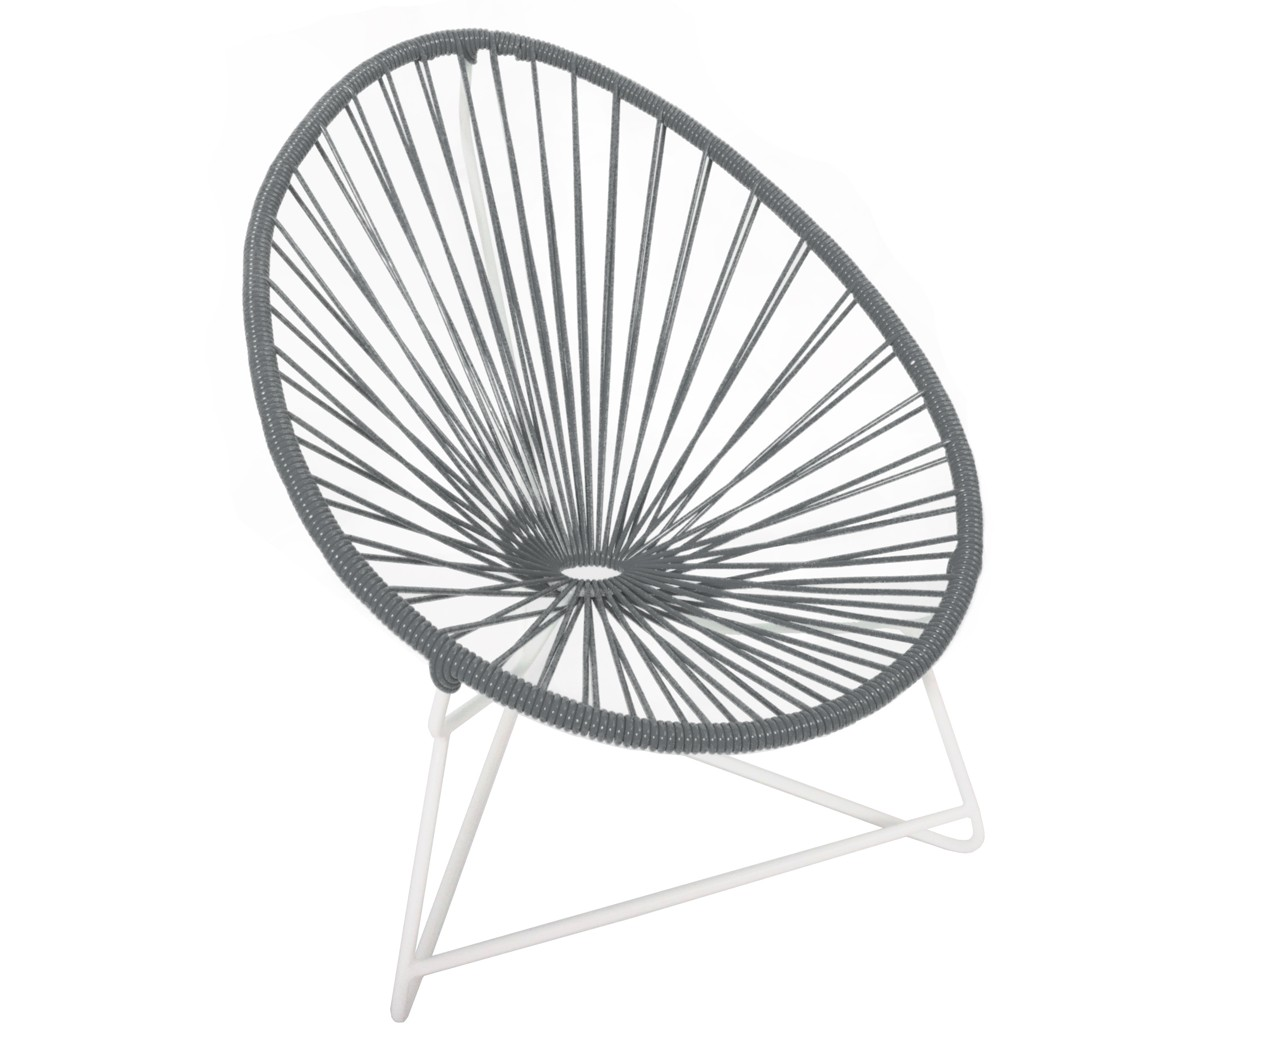 fauteuil acapulco enfant de boqa avec structure blanche gris fer